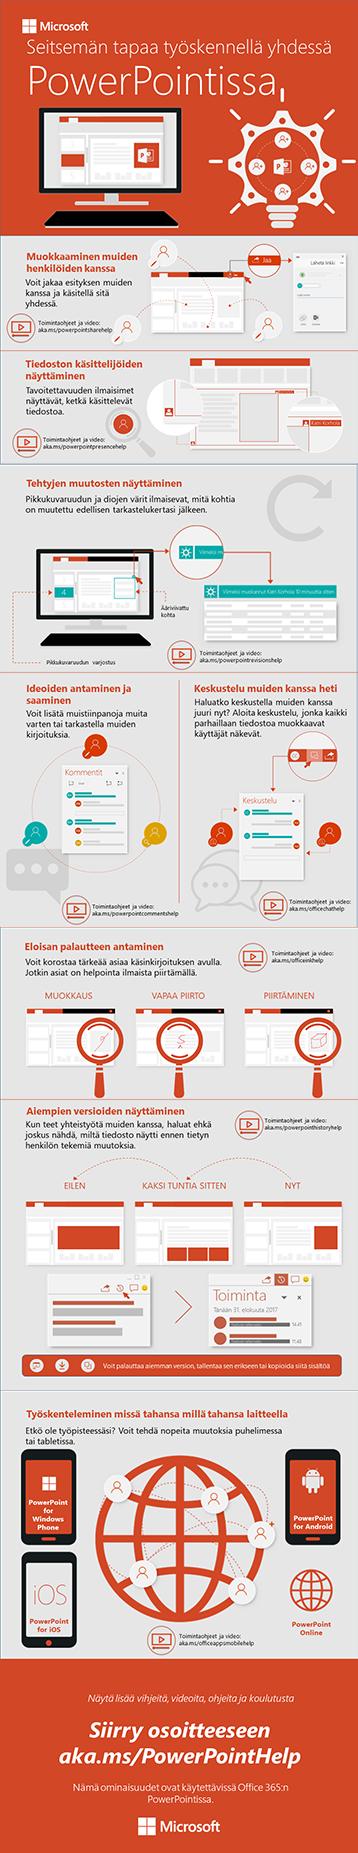 Yhteistyön tapoja PowerPoint-infograafissa